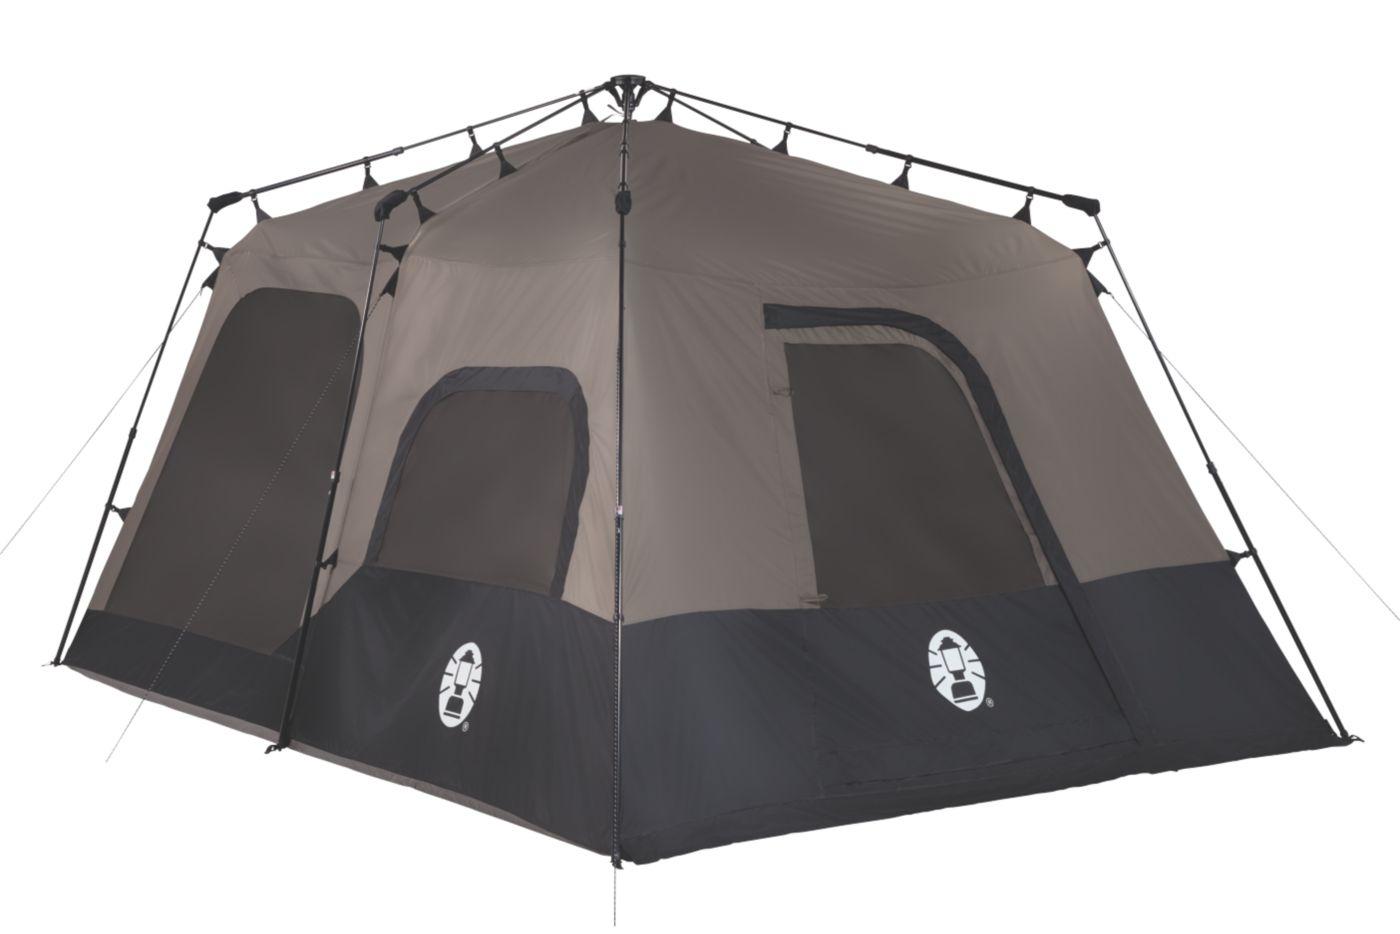 ... 8-Person Instant Tent image 2 ...  sc 1 st  Coleman & 8-Person Instant Tent | Coleman